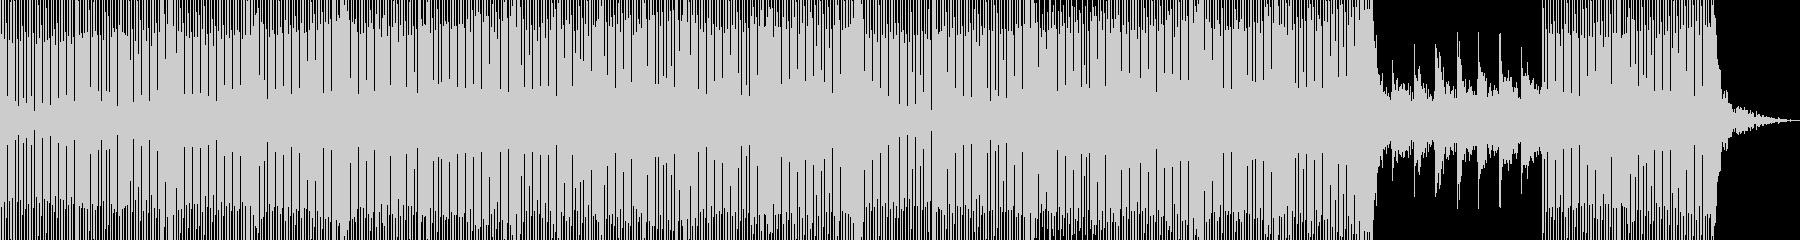 少しダークな感じのハウスの未再生の波形